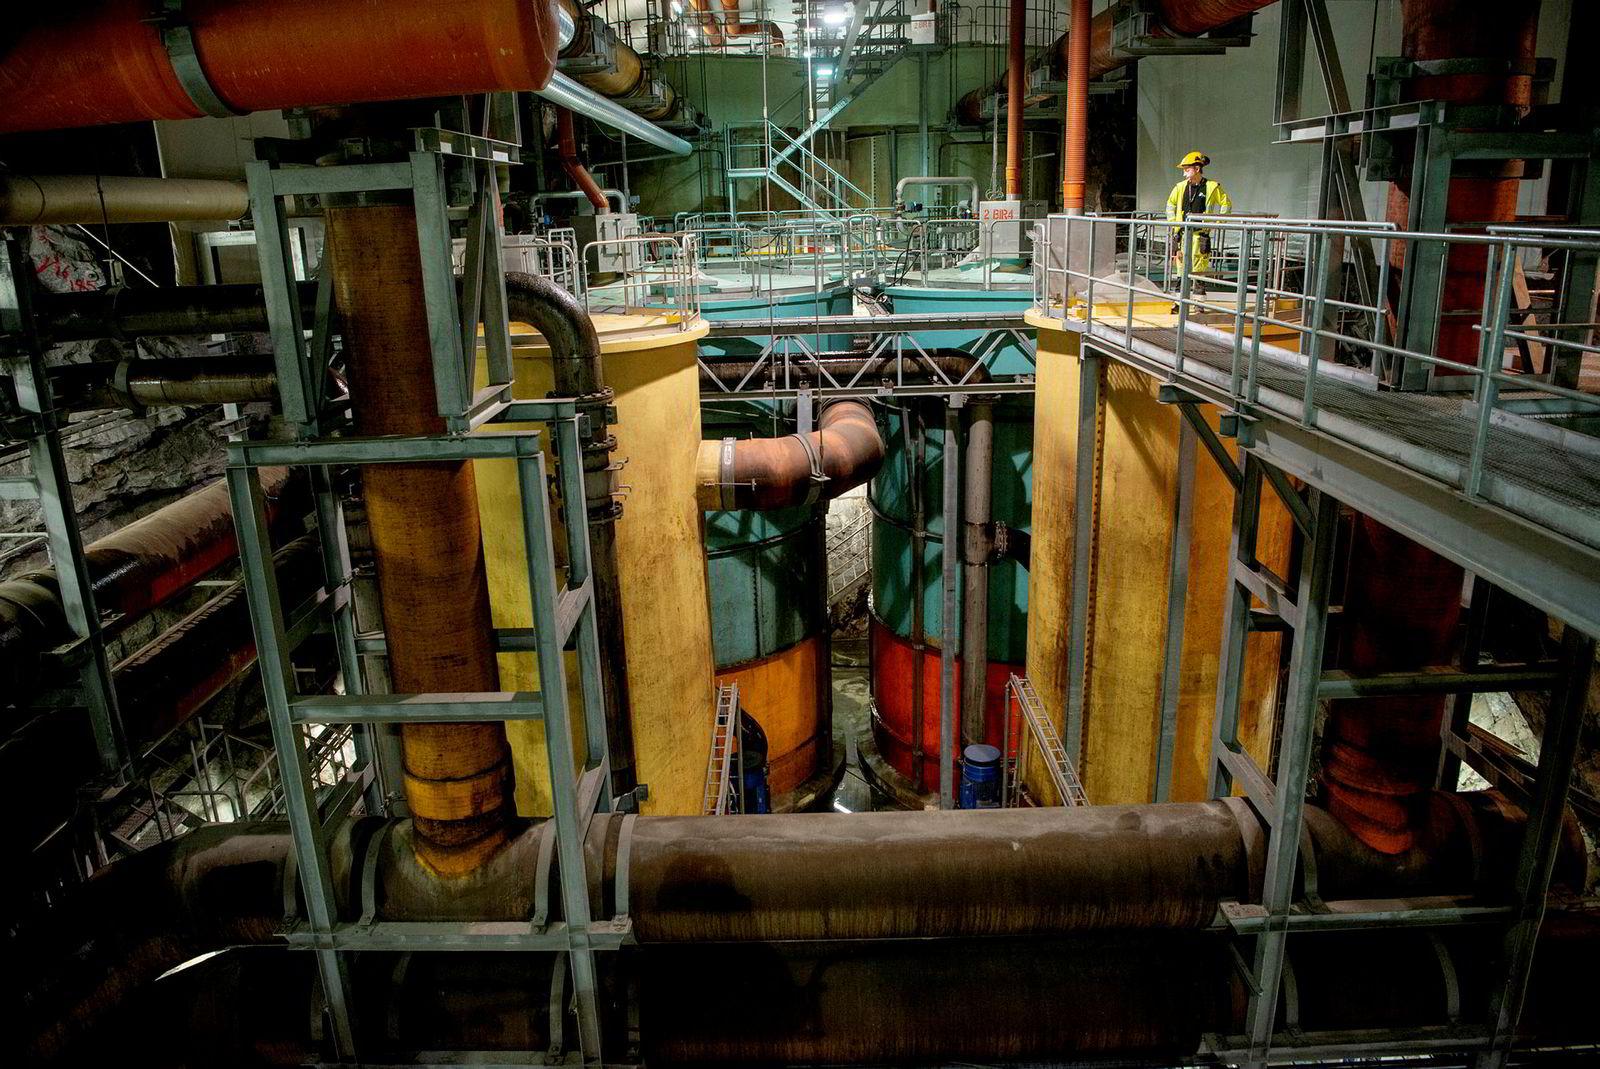 Halvor Myhrvold jobber nå for både vannverket og avløpsselskapet i Nedre Romerike. Her viser han DN rundt i renseanlegget på Strømmen.